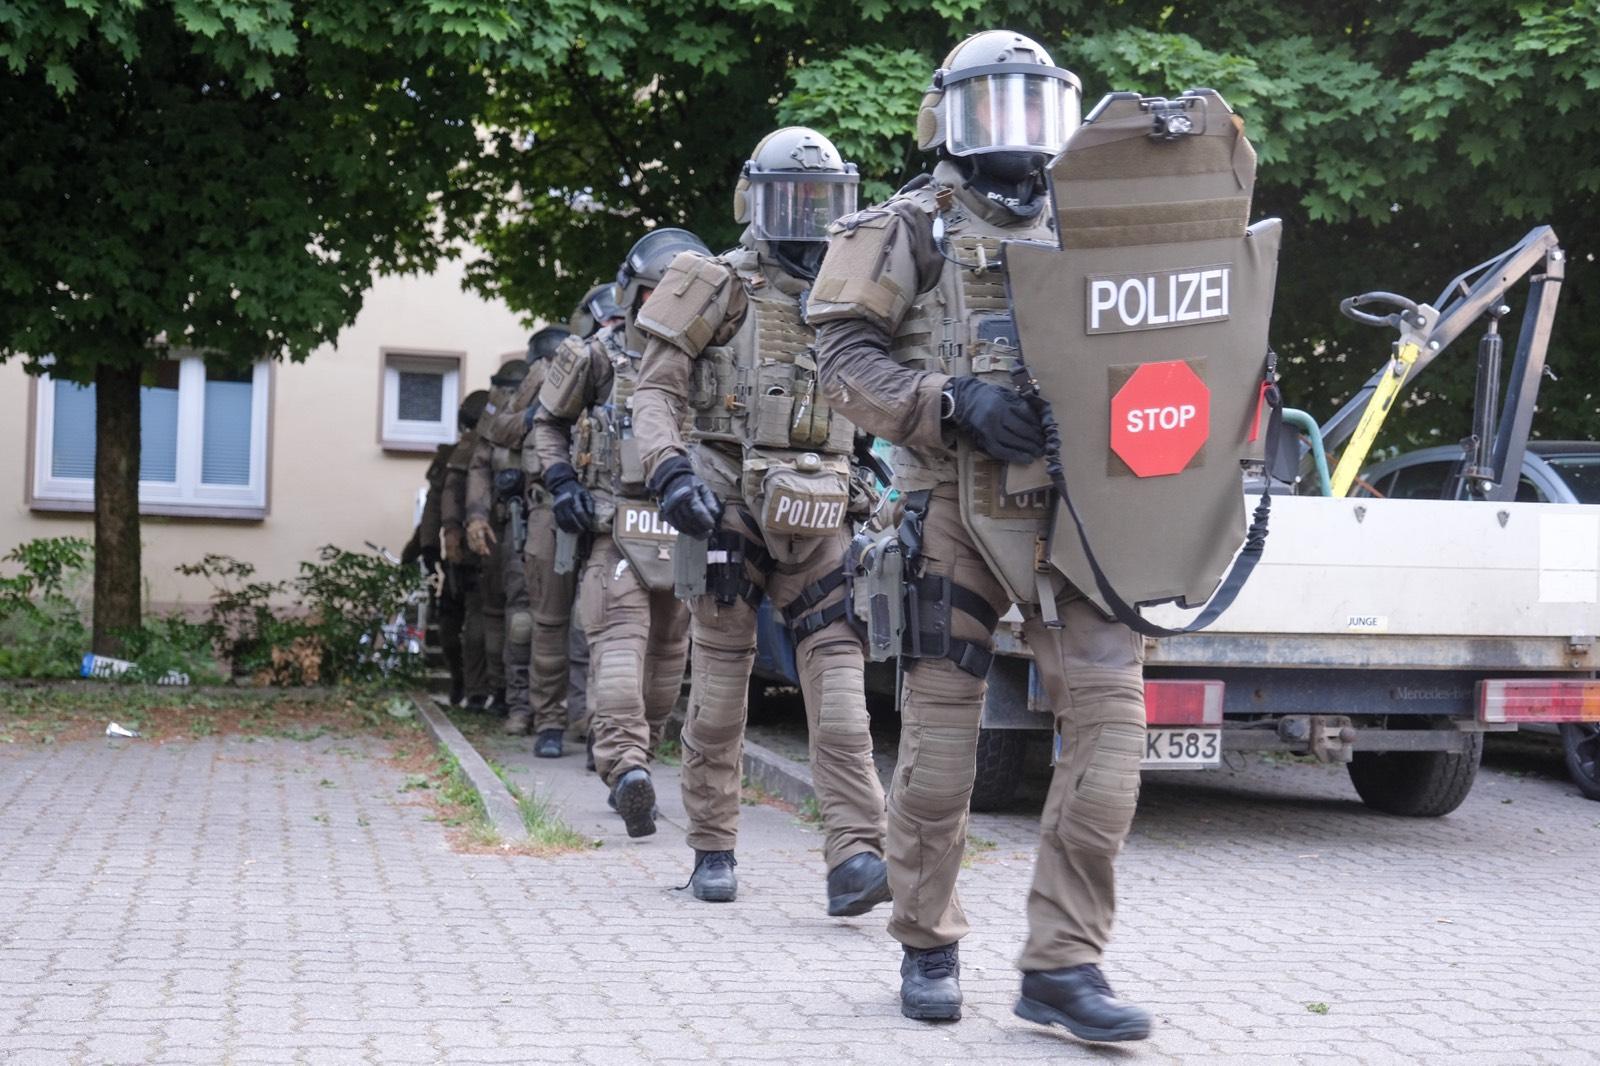 Da der Verdacht bestand, das eine Schusswaffe sich in der Wohnung befindet, kamen SEK und USK zum Einsatz.